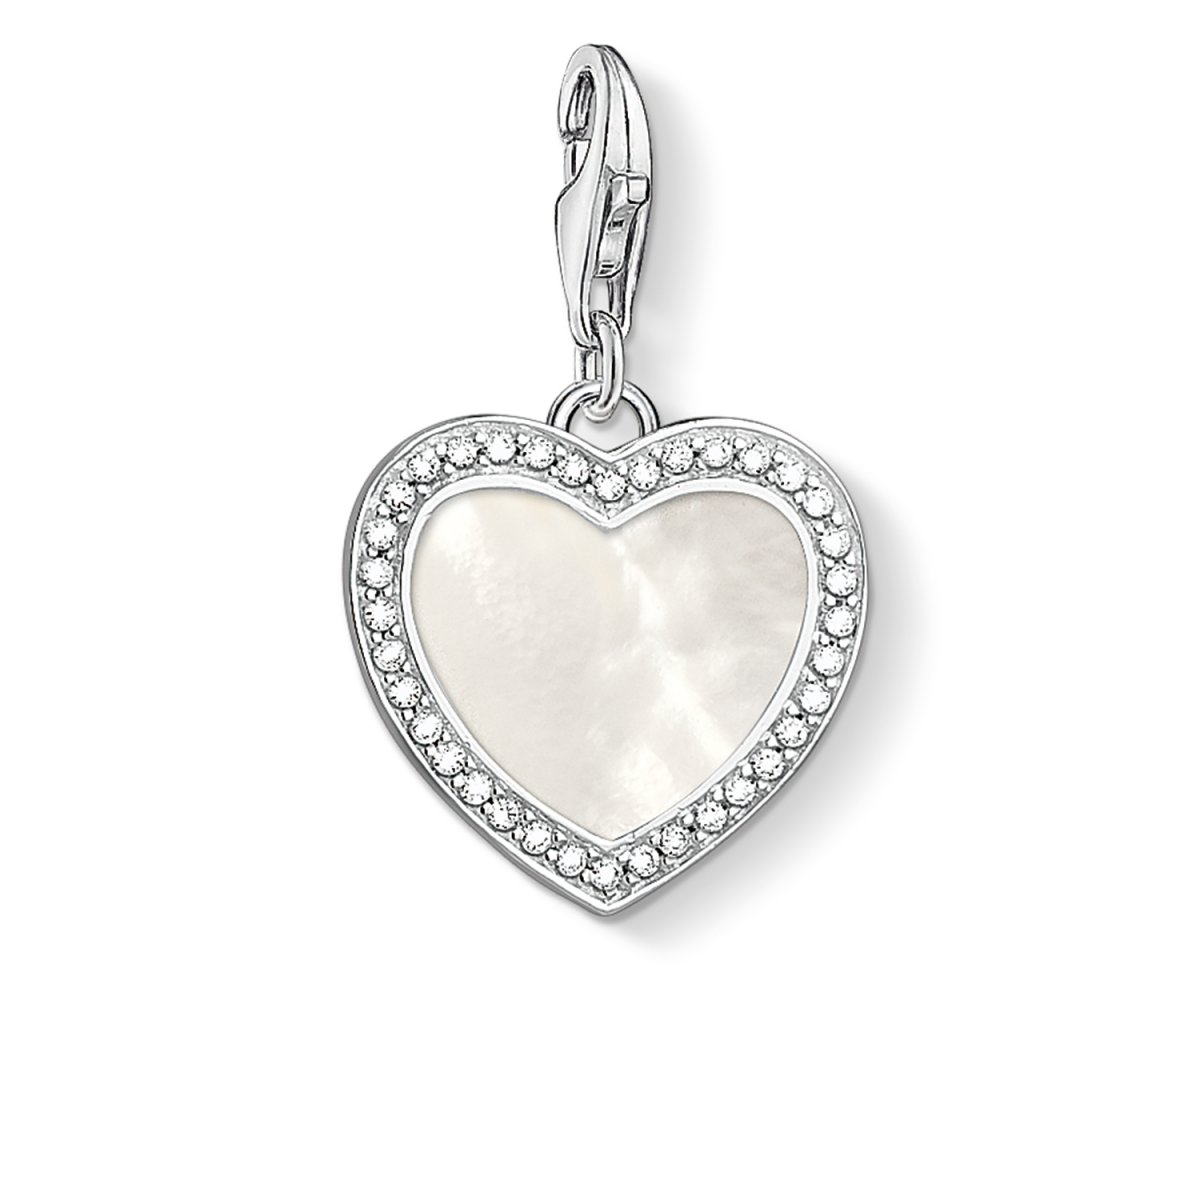 Prívesok THOMAS SABO srdce s perleťou